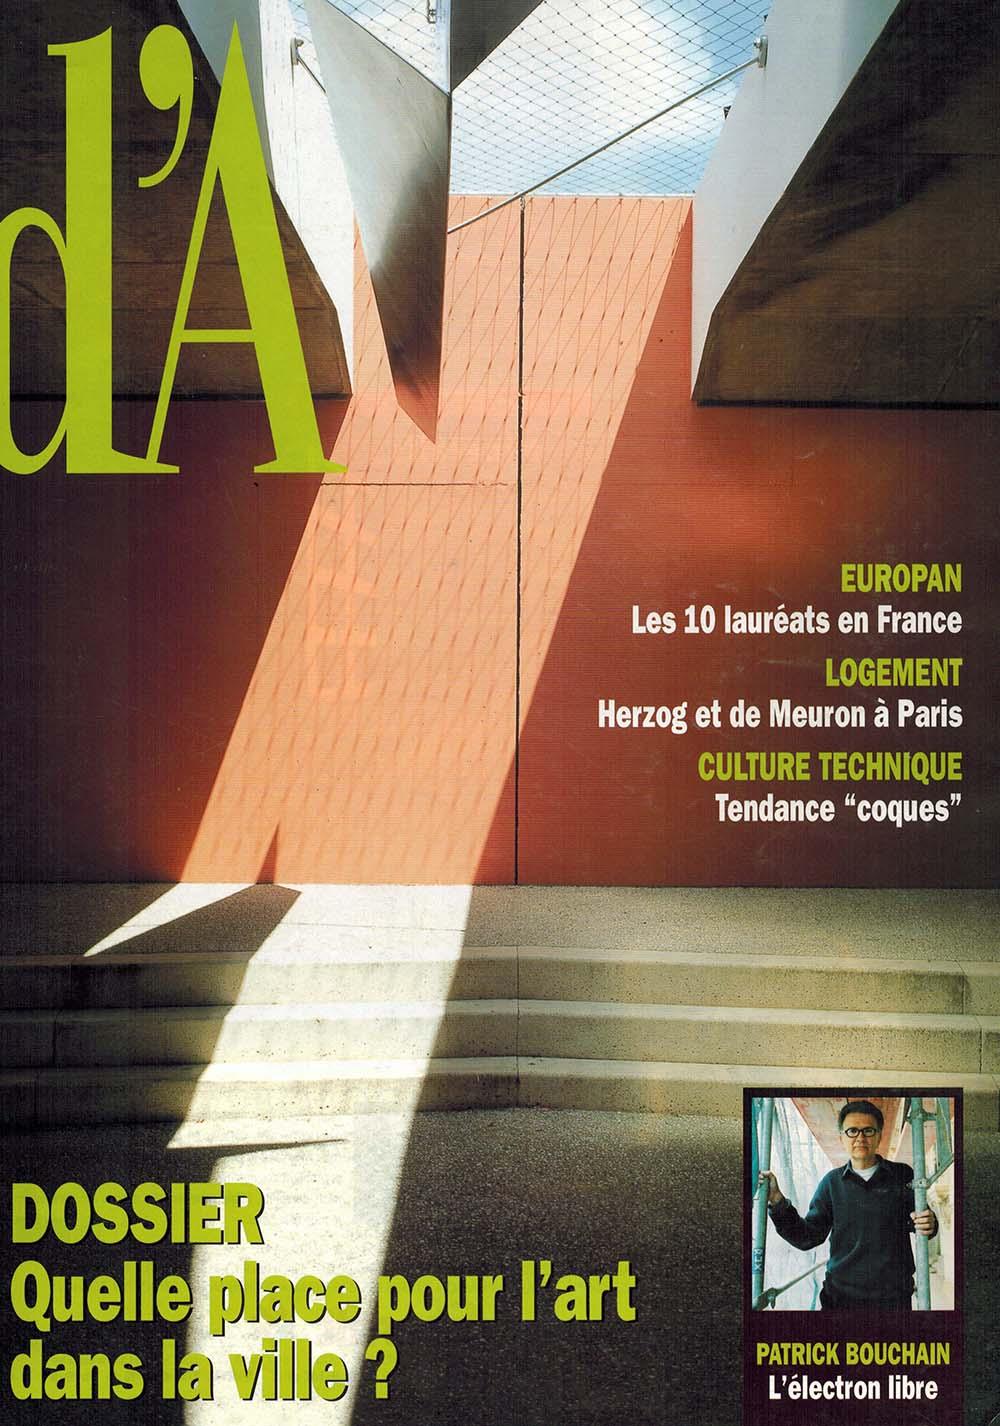 Cécile Nizou - D'architecture n°113 (0)